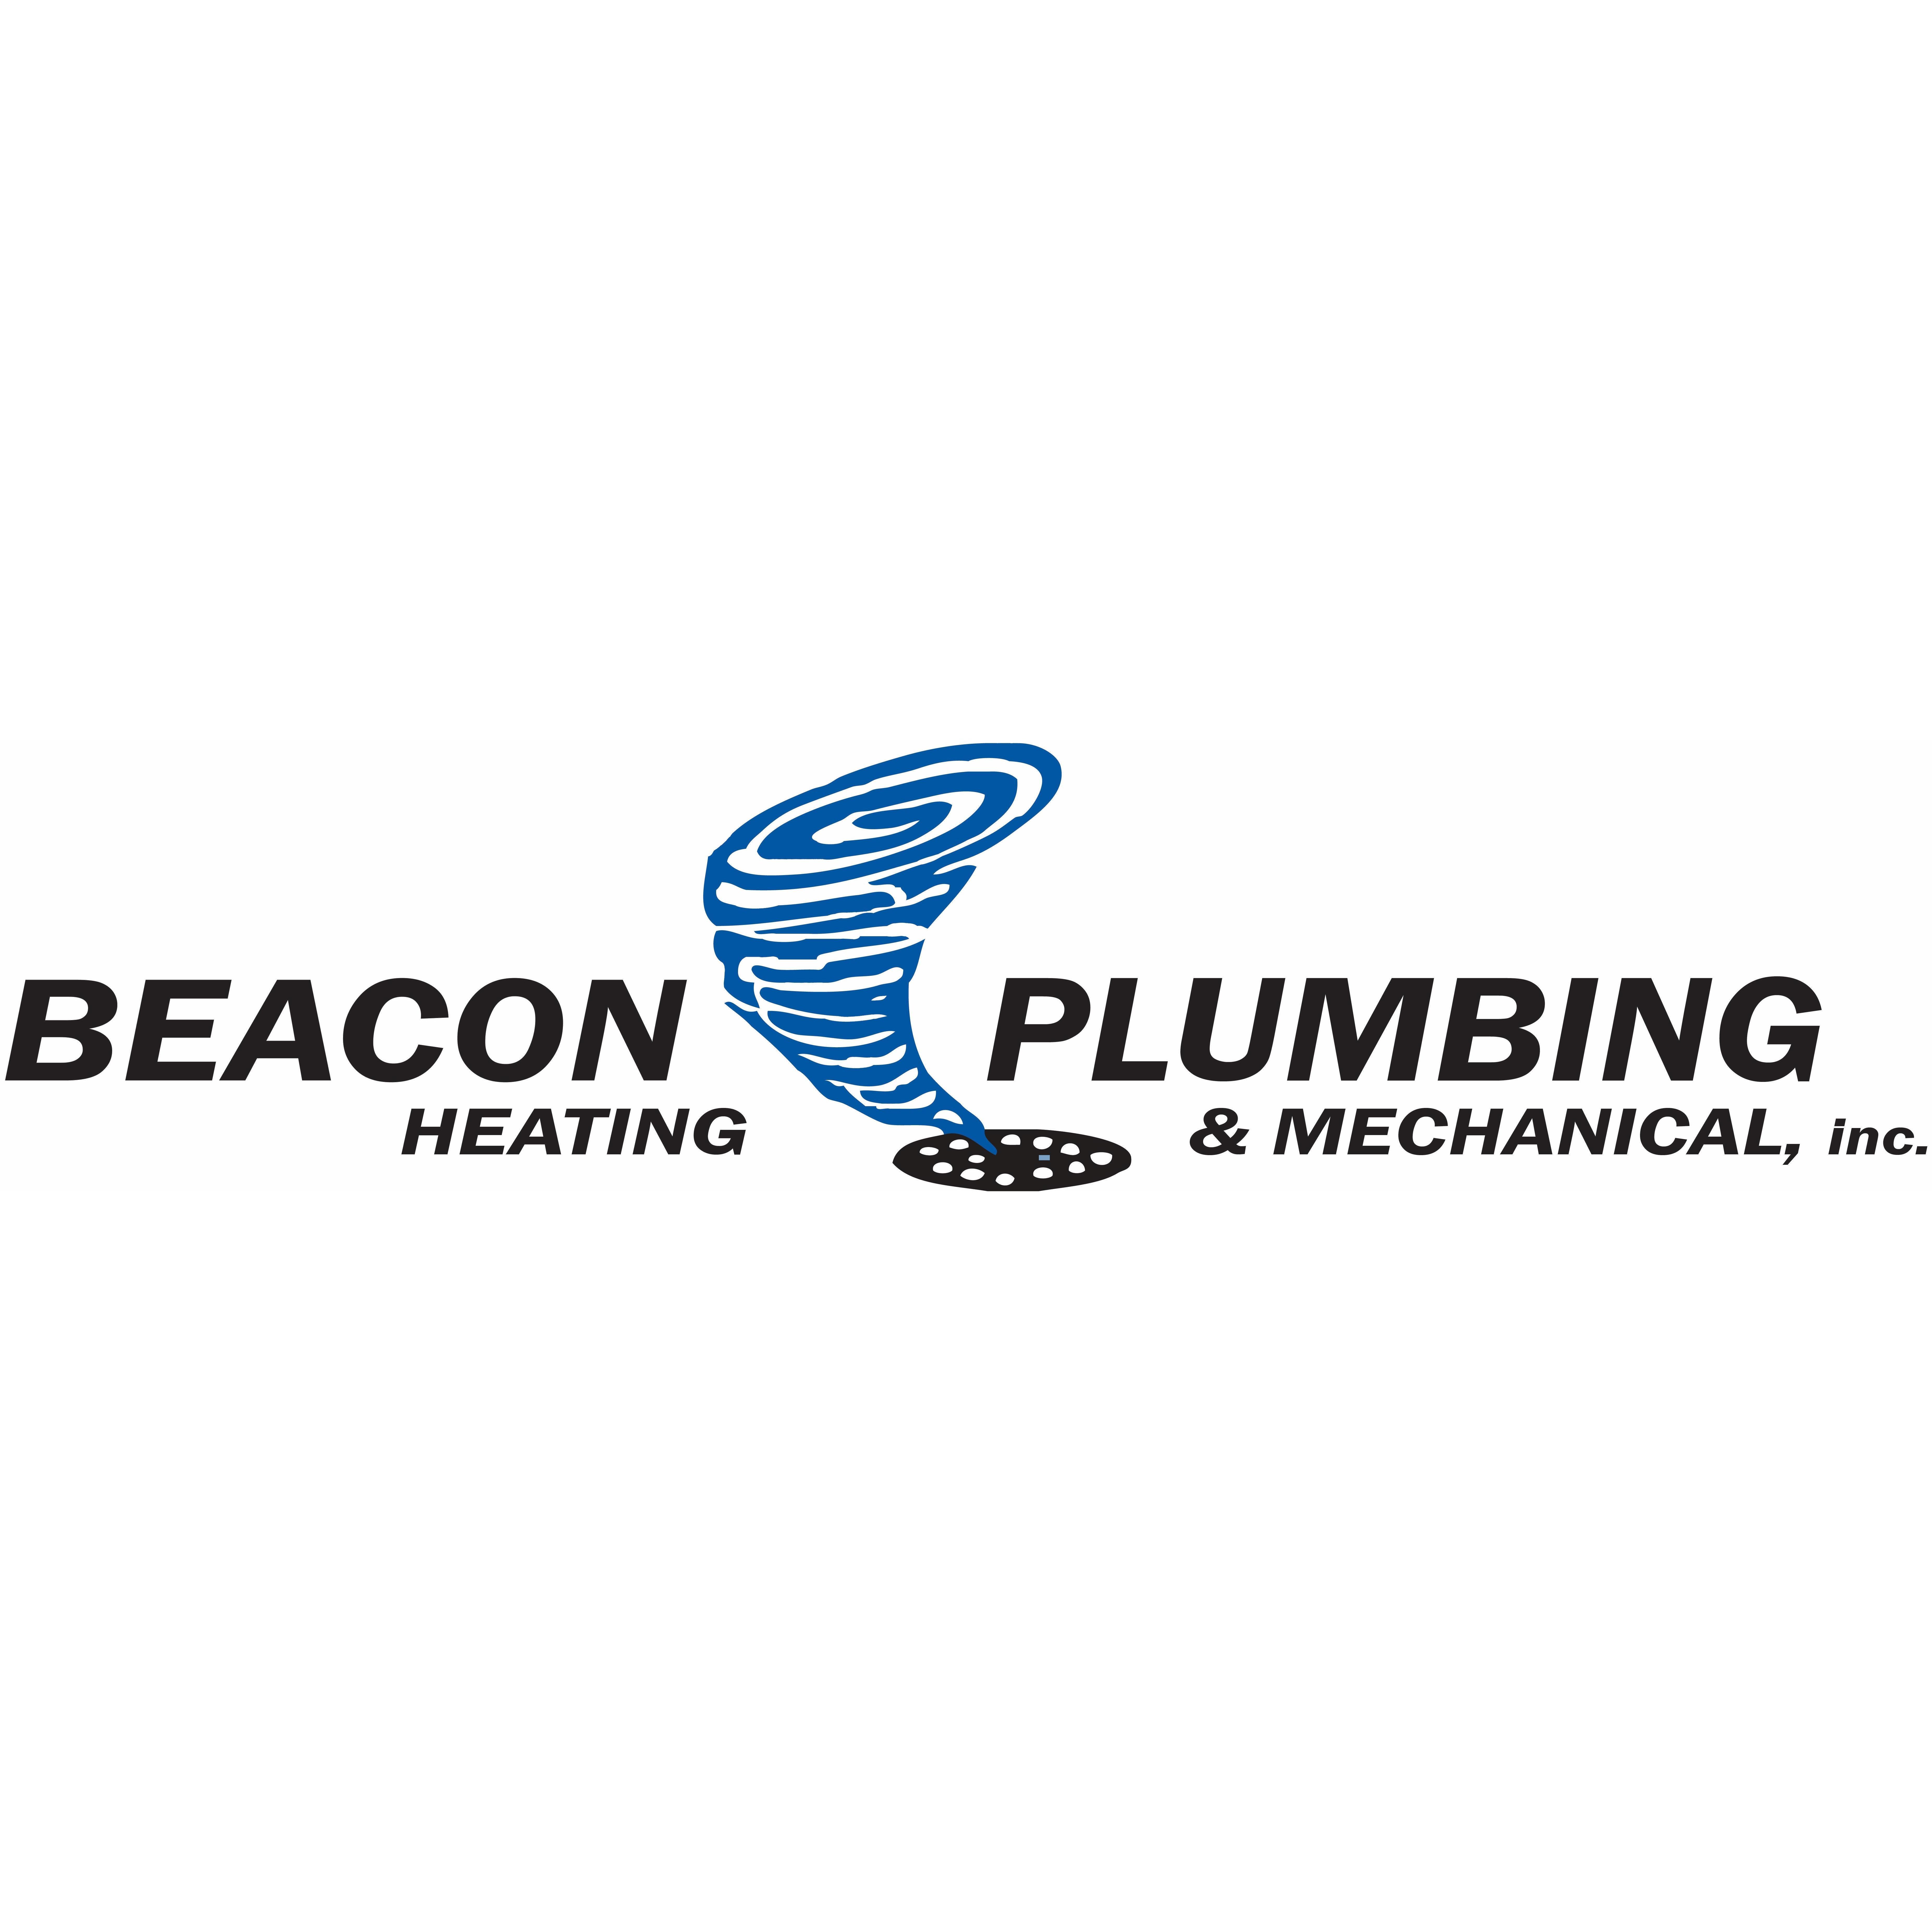 Beacon Plumbing Heating & Mechanical